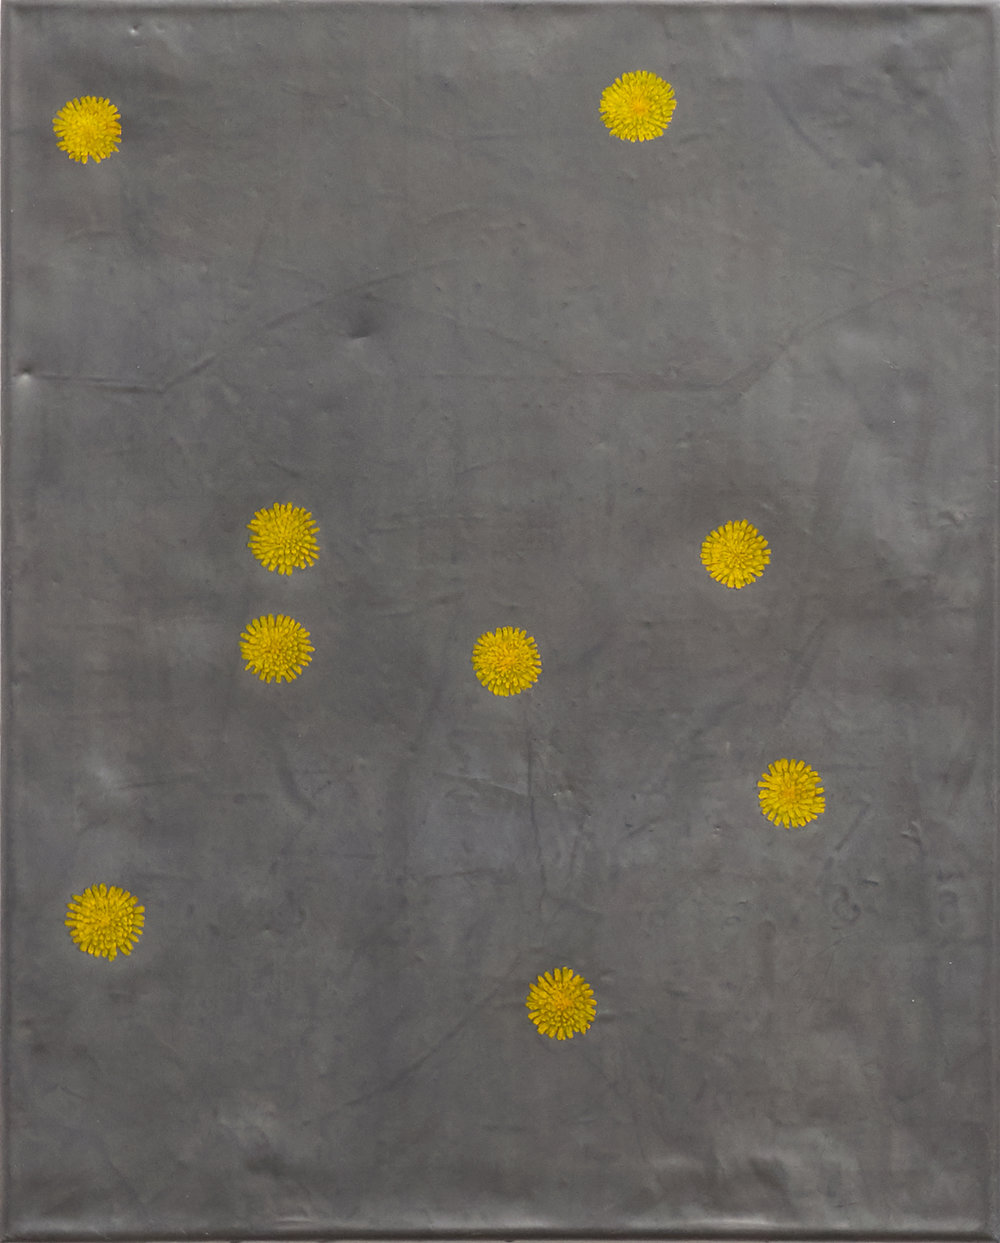 tarashaquq (field)  2016 watercolour, lead and tacks on wood 20 x 16 inches